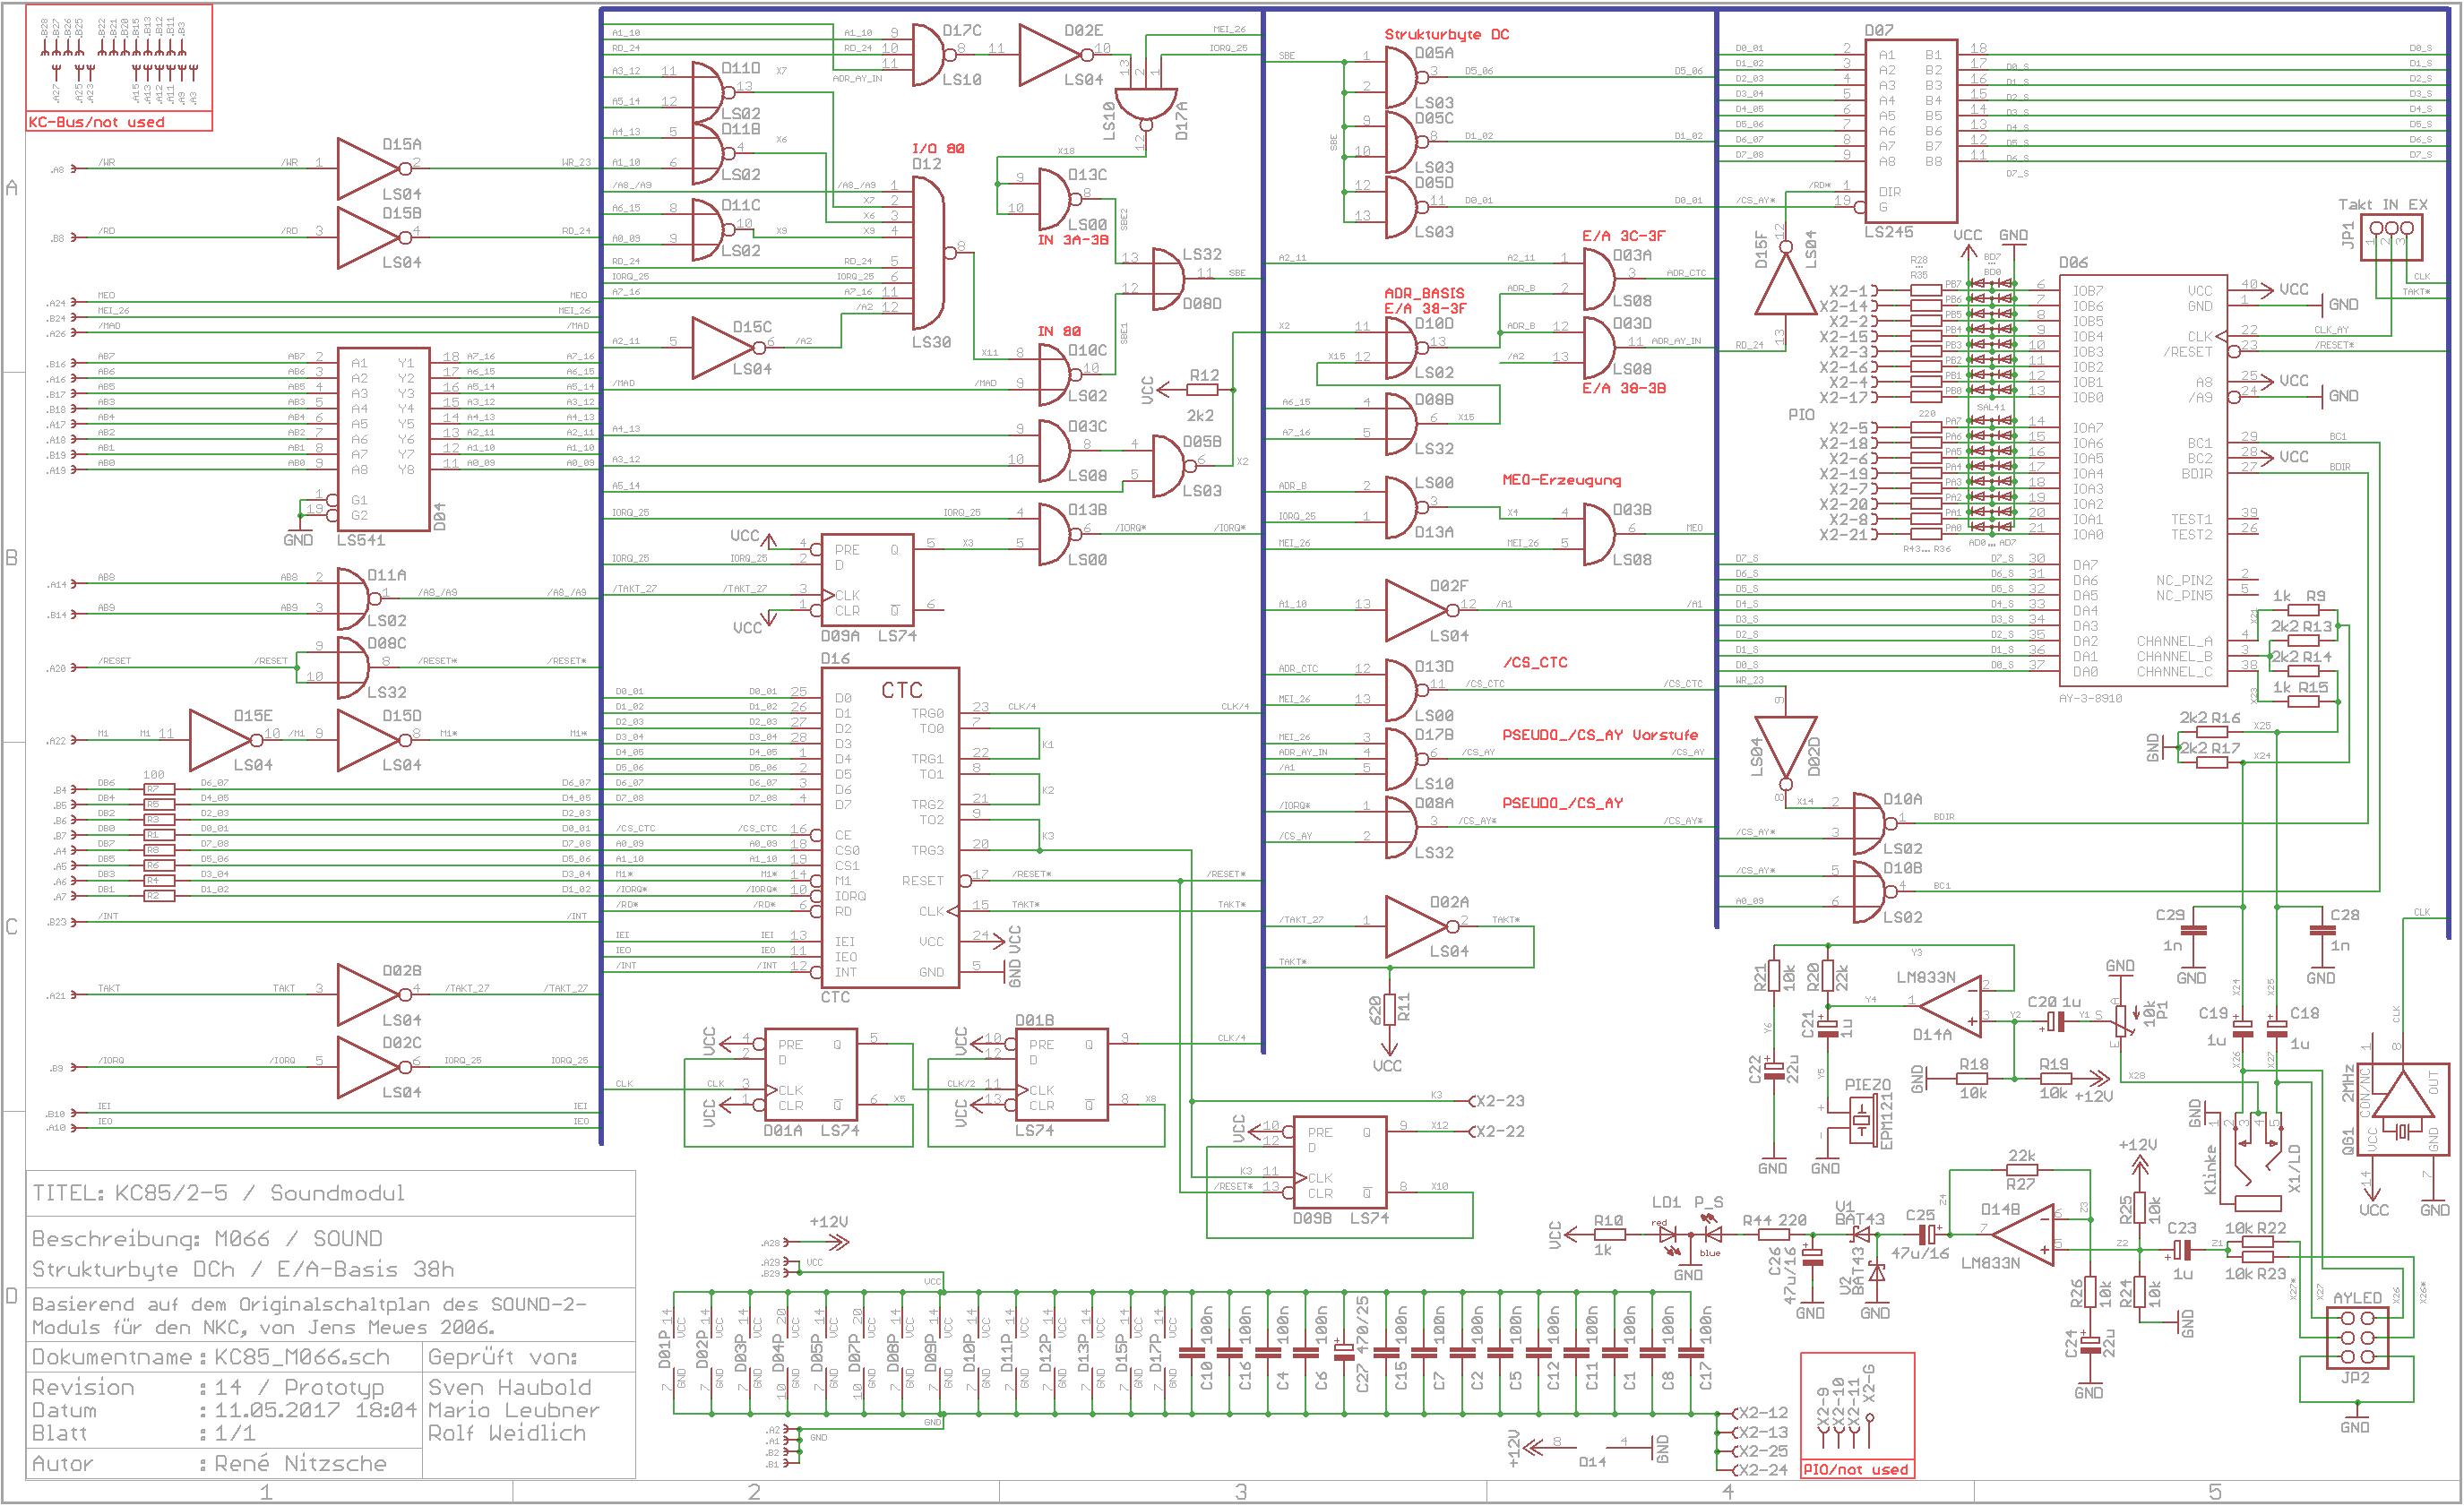 Alte Computer by SRN - KC85/4 - M066 SOUND